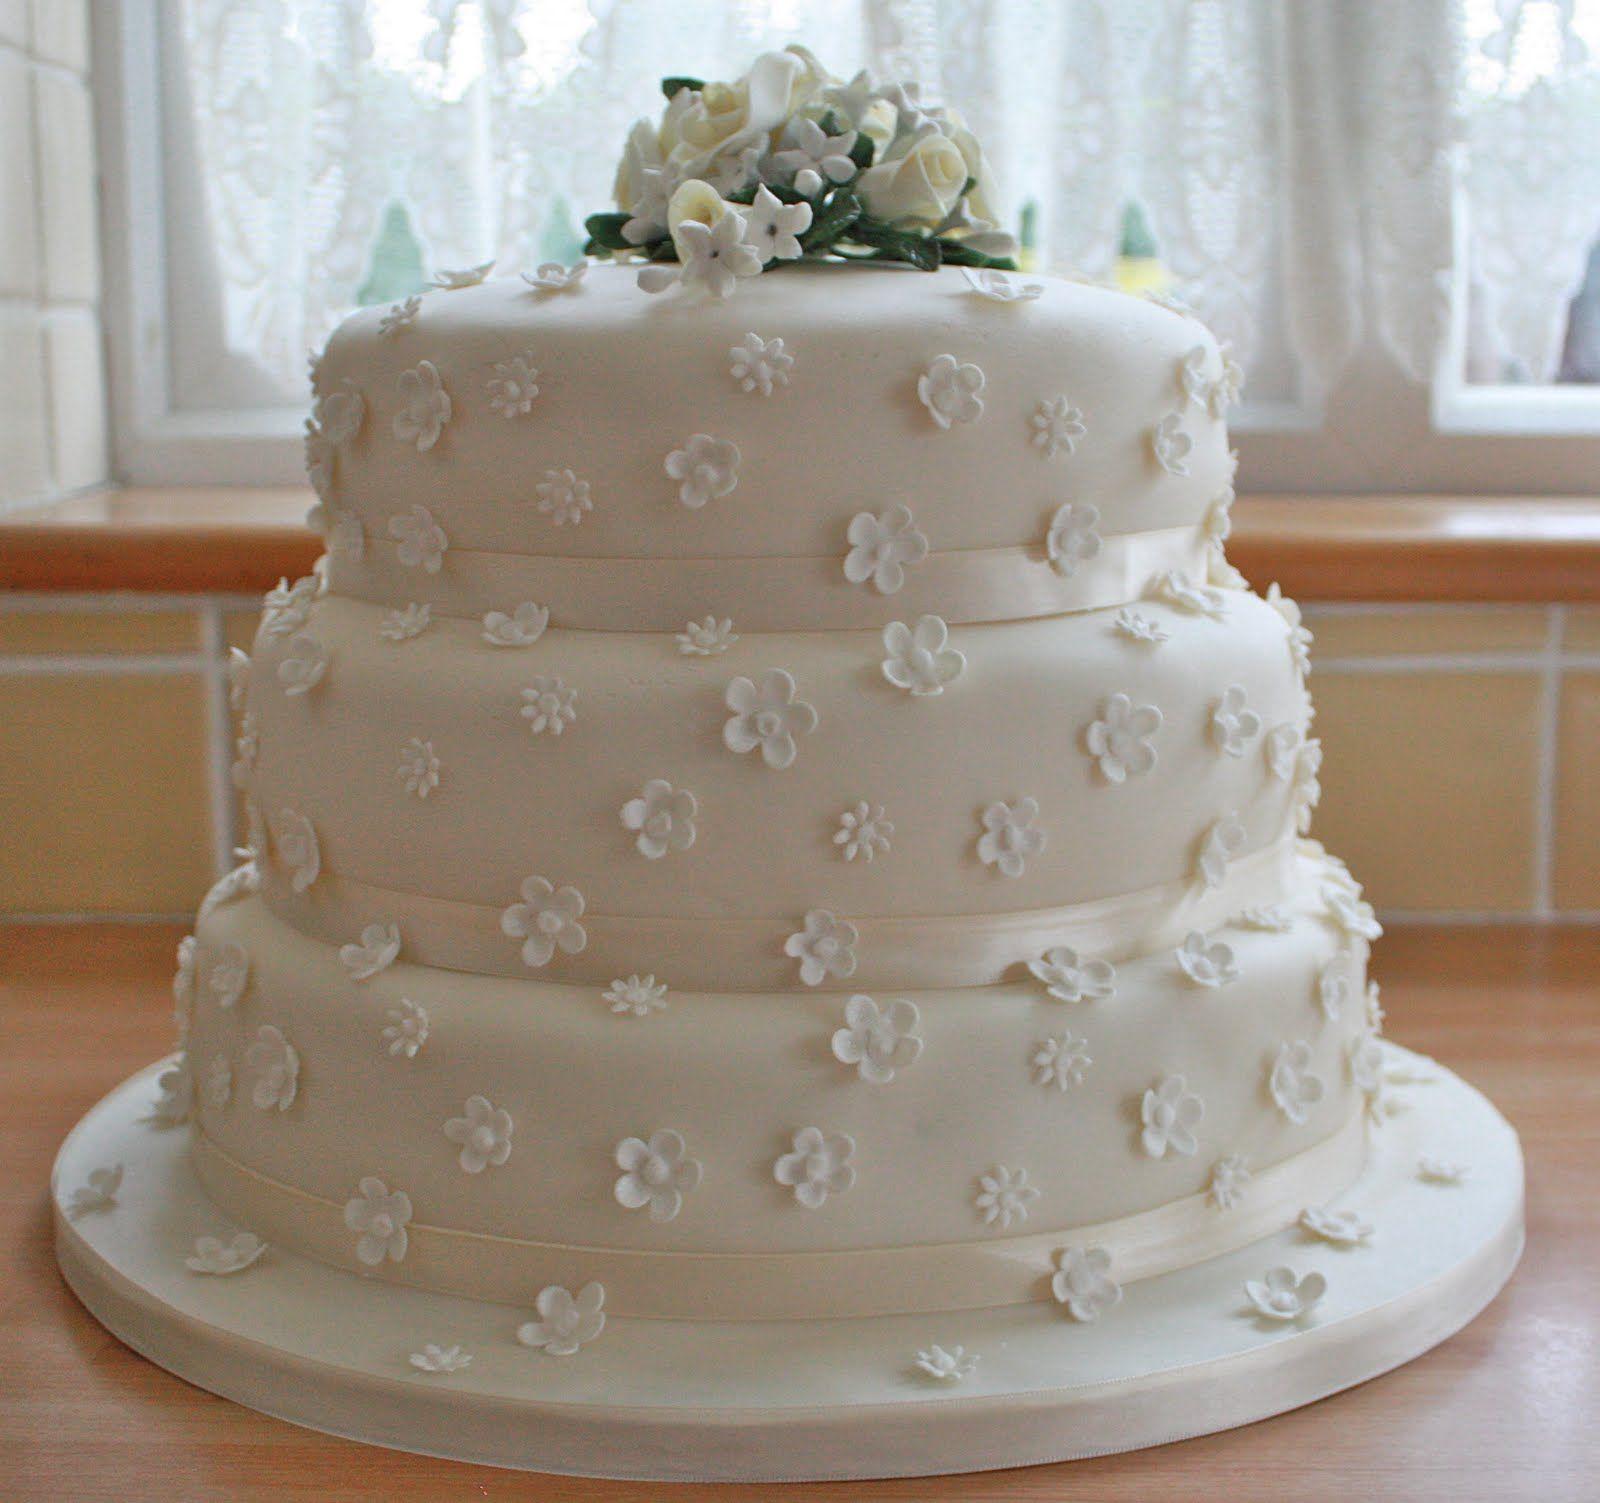 60th wedding anniverary cake 60Th Anniversary Cake